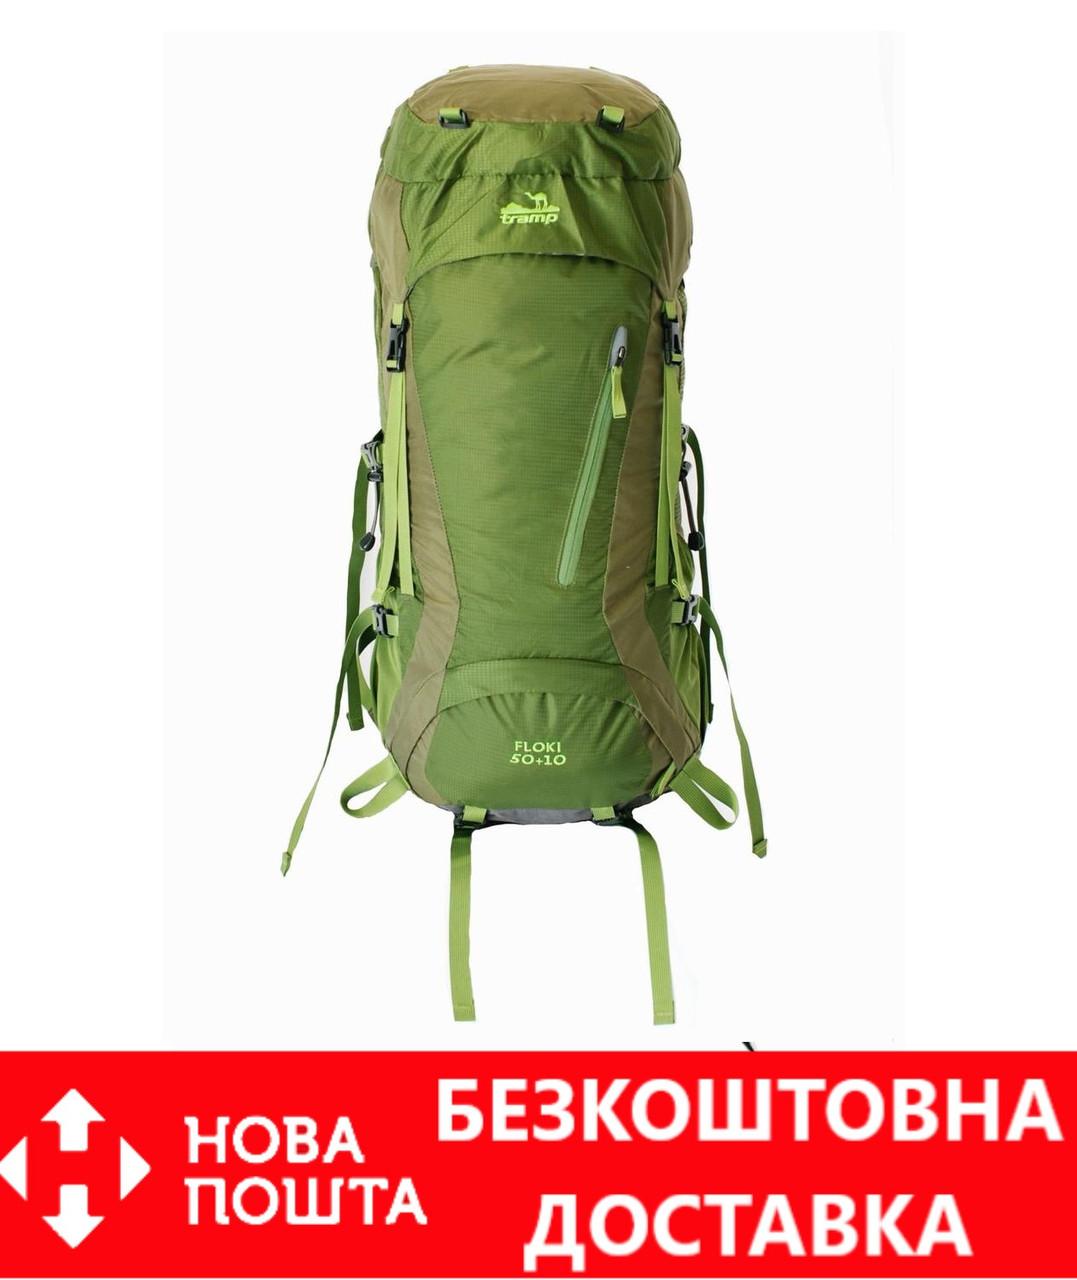 Туристический рюкзак Tramp Floki 50+10 зеленый TRP-046--green